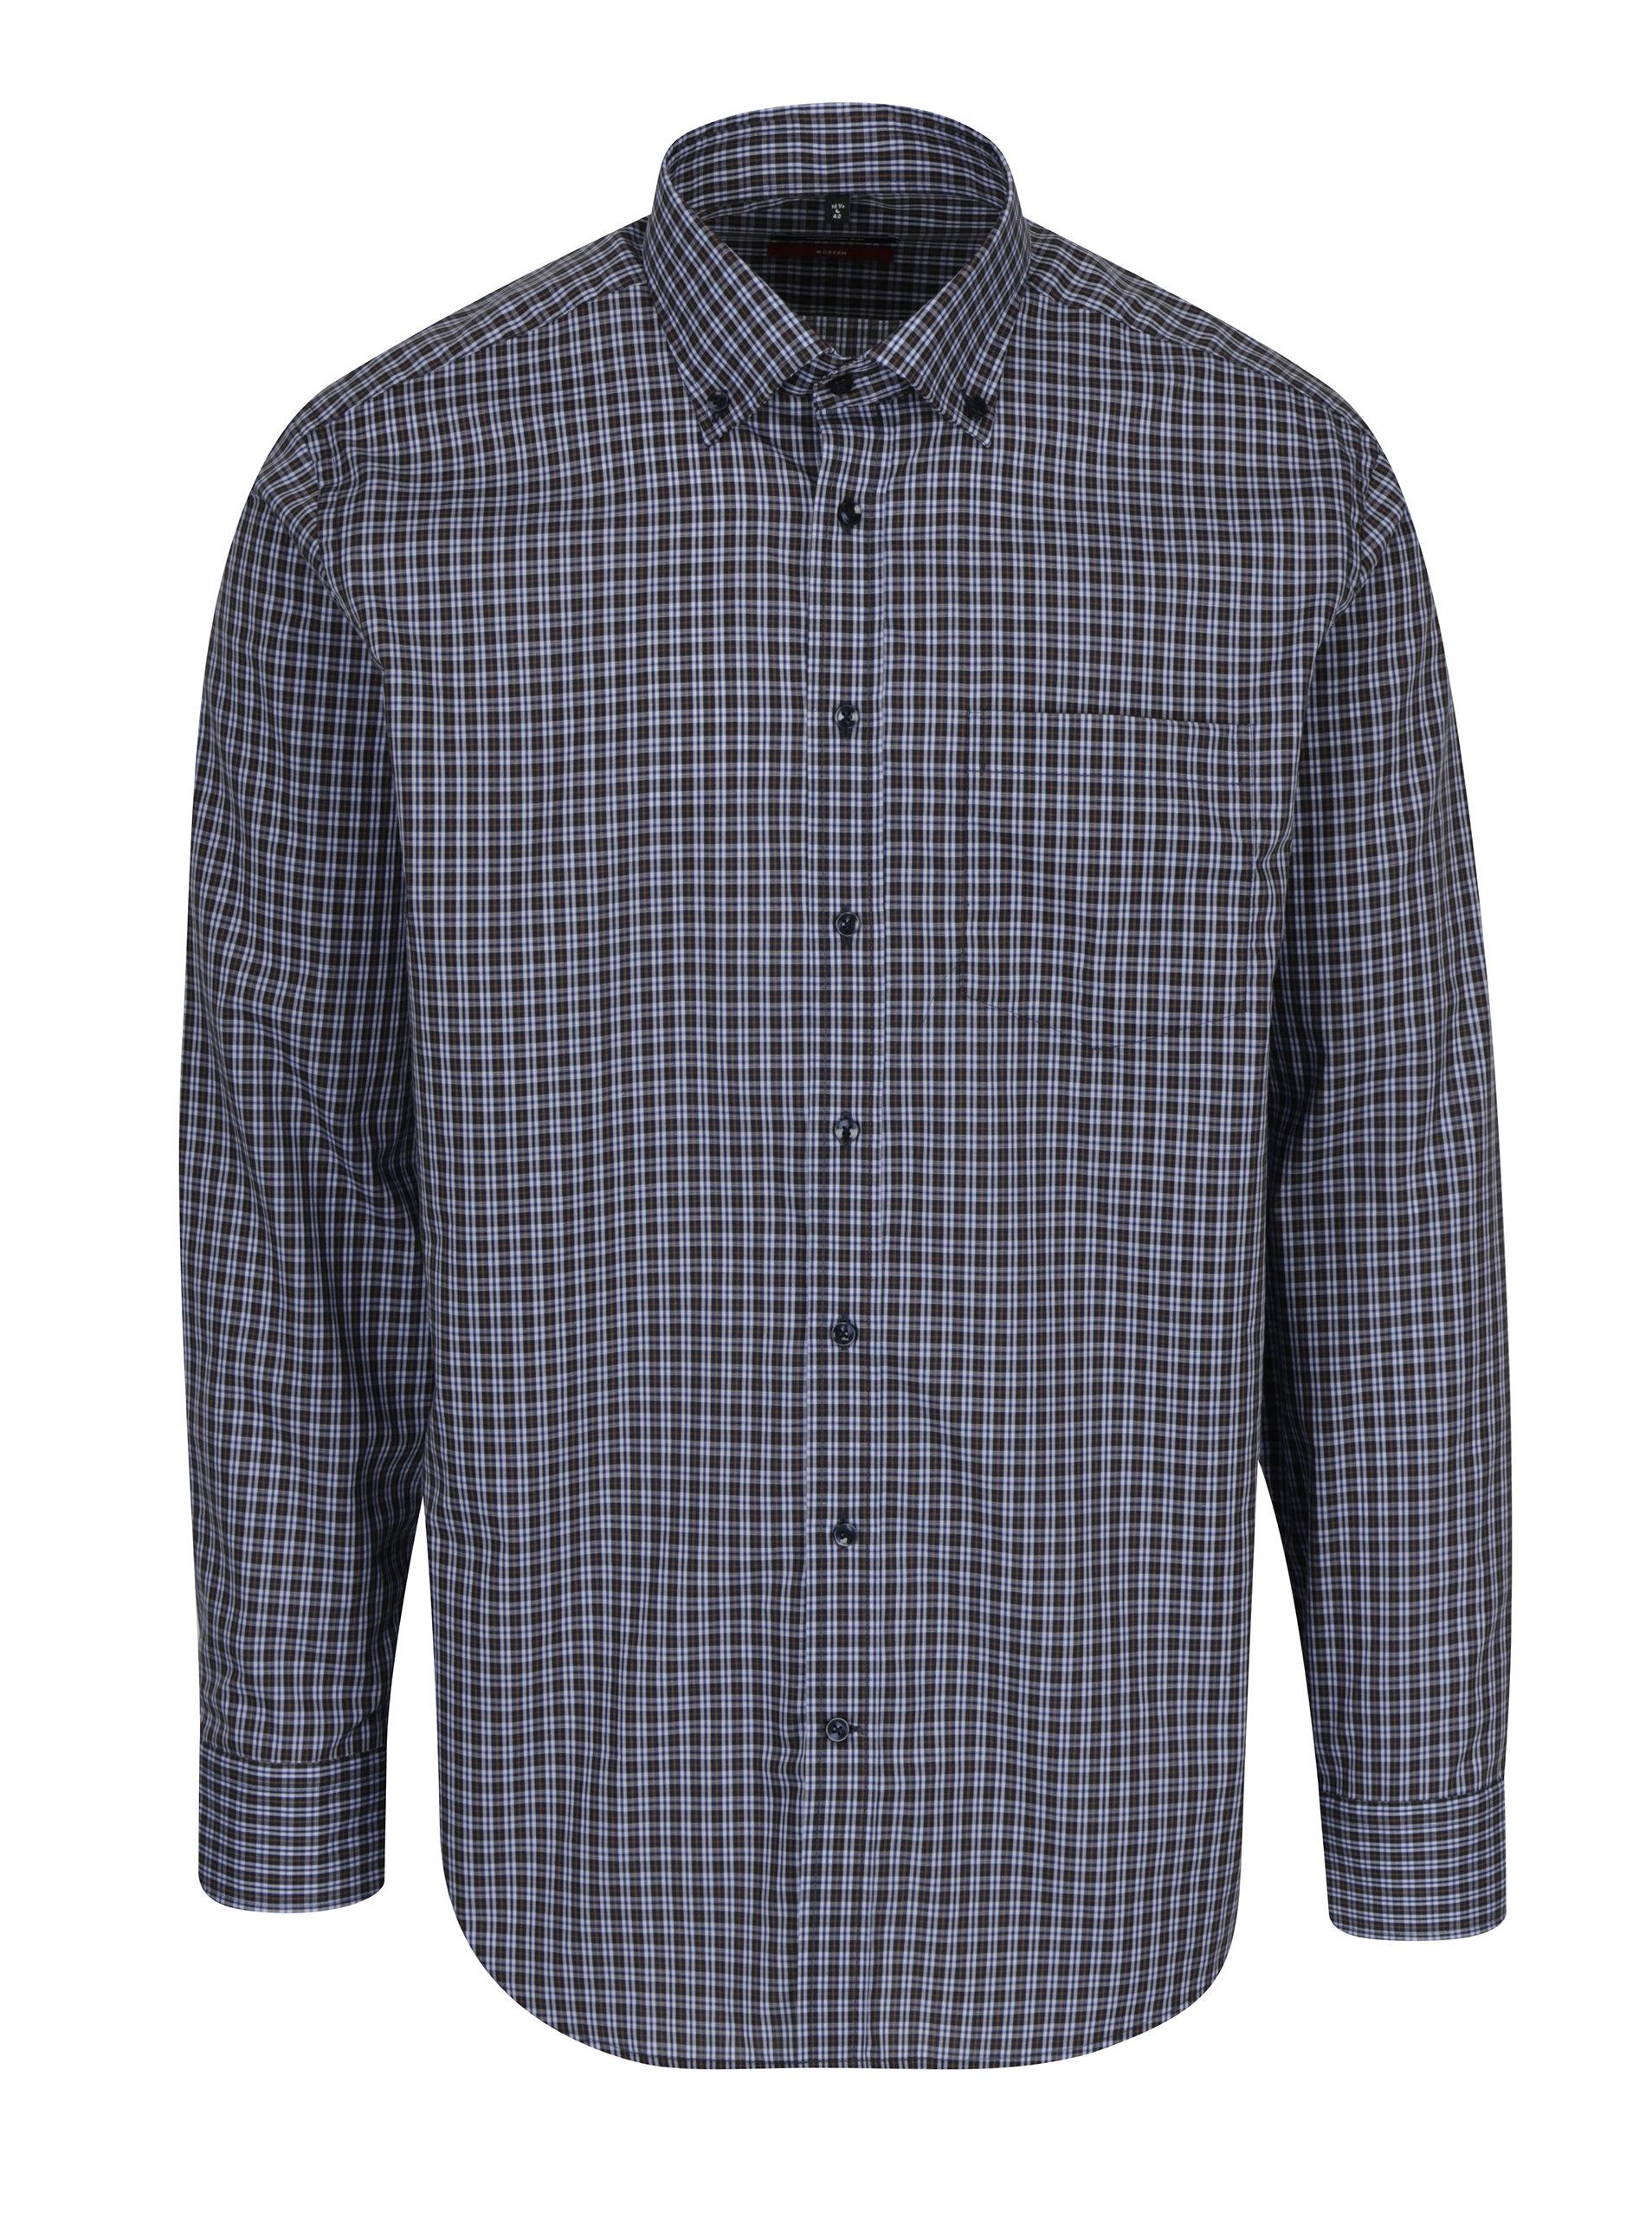 8454f306c489 Tmavomodrá kockovaná modern fit košeľa Seidensticker ...